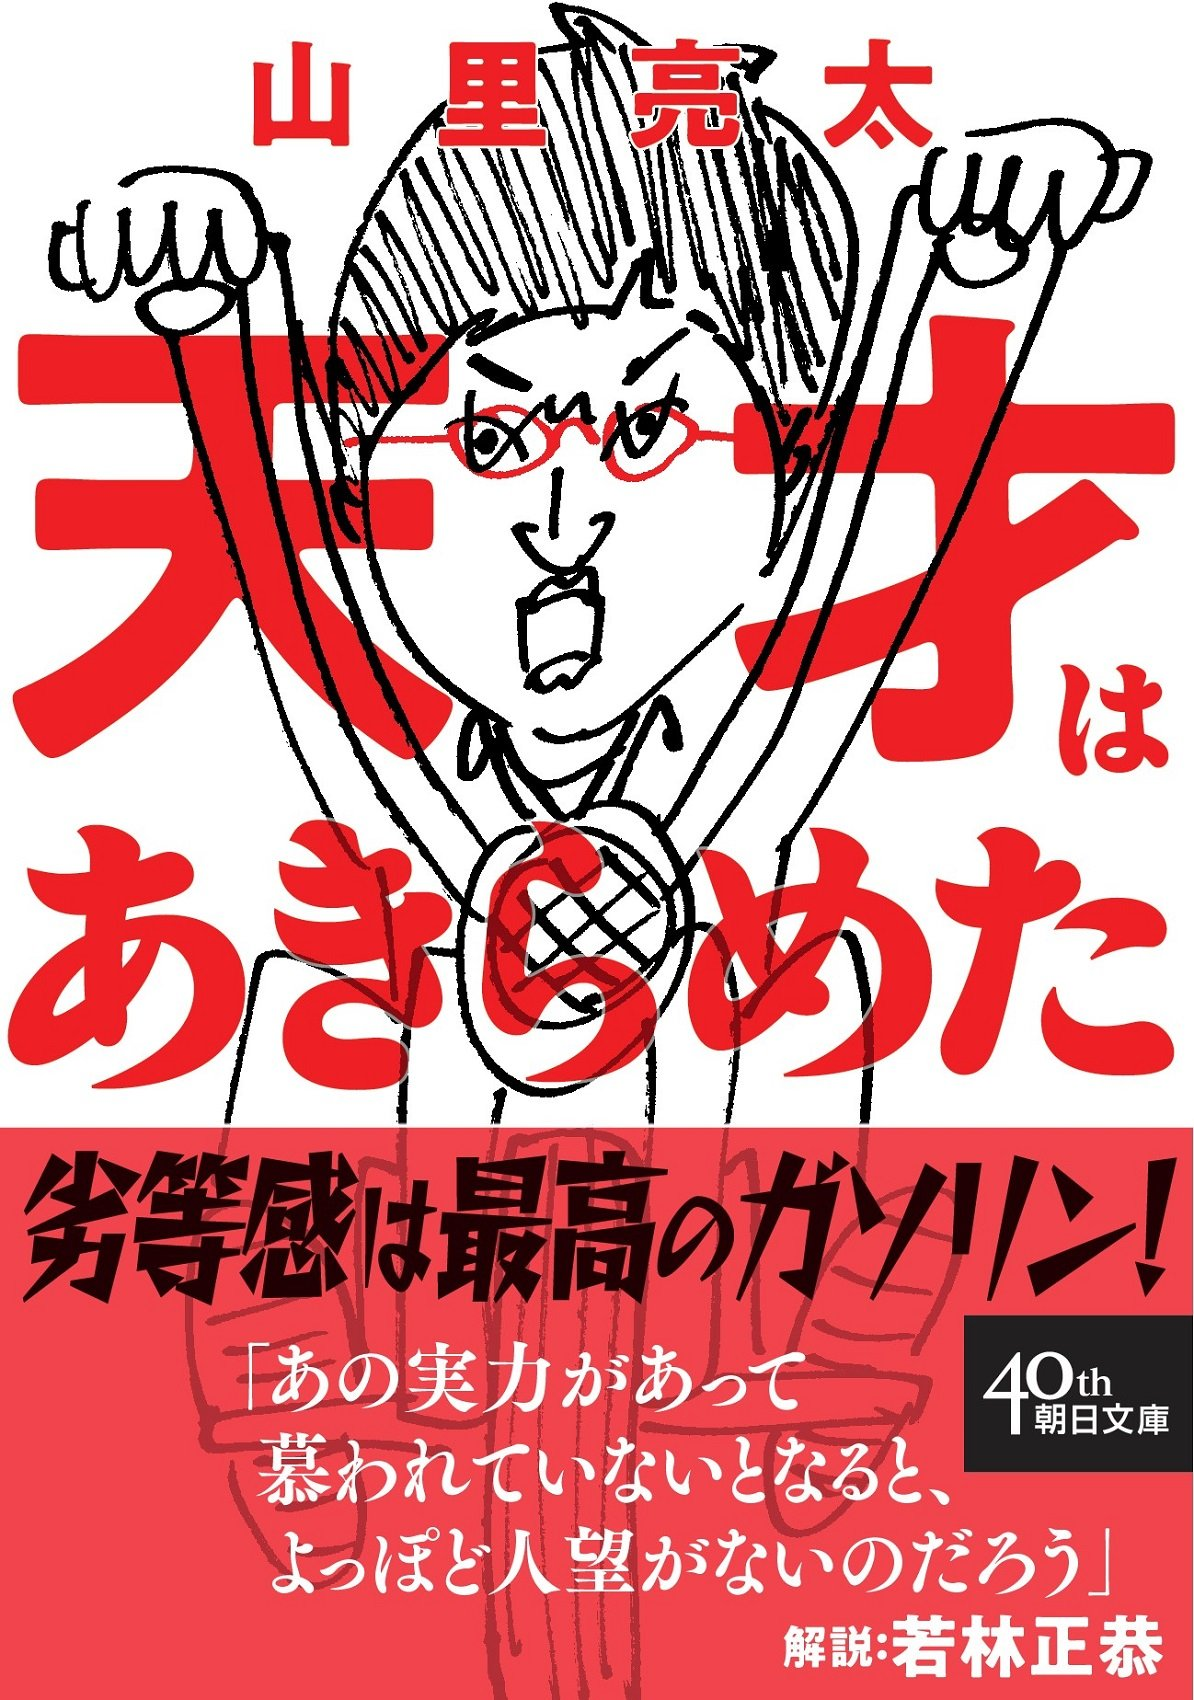 山里亮太「天才はあきらめた」感想|漫才のツッコミから読み解くコメント力